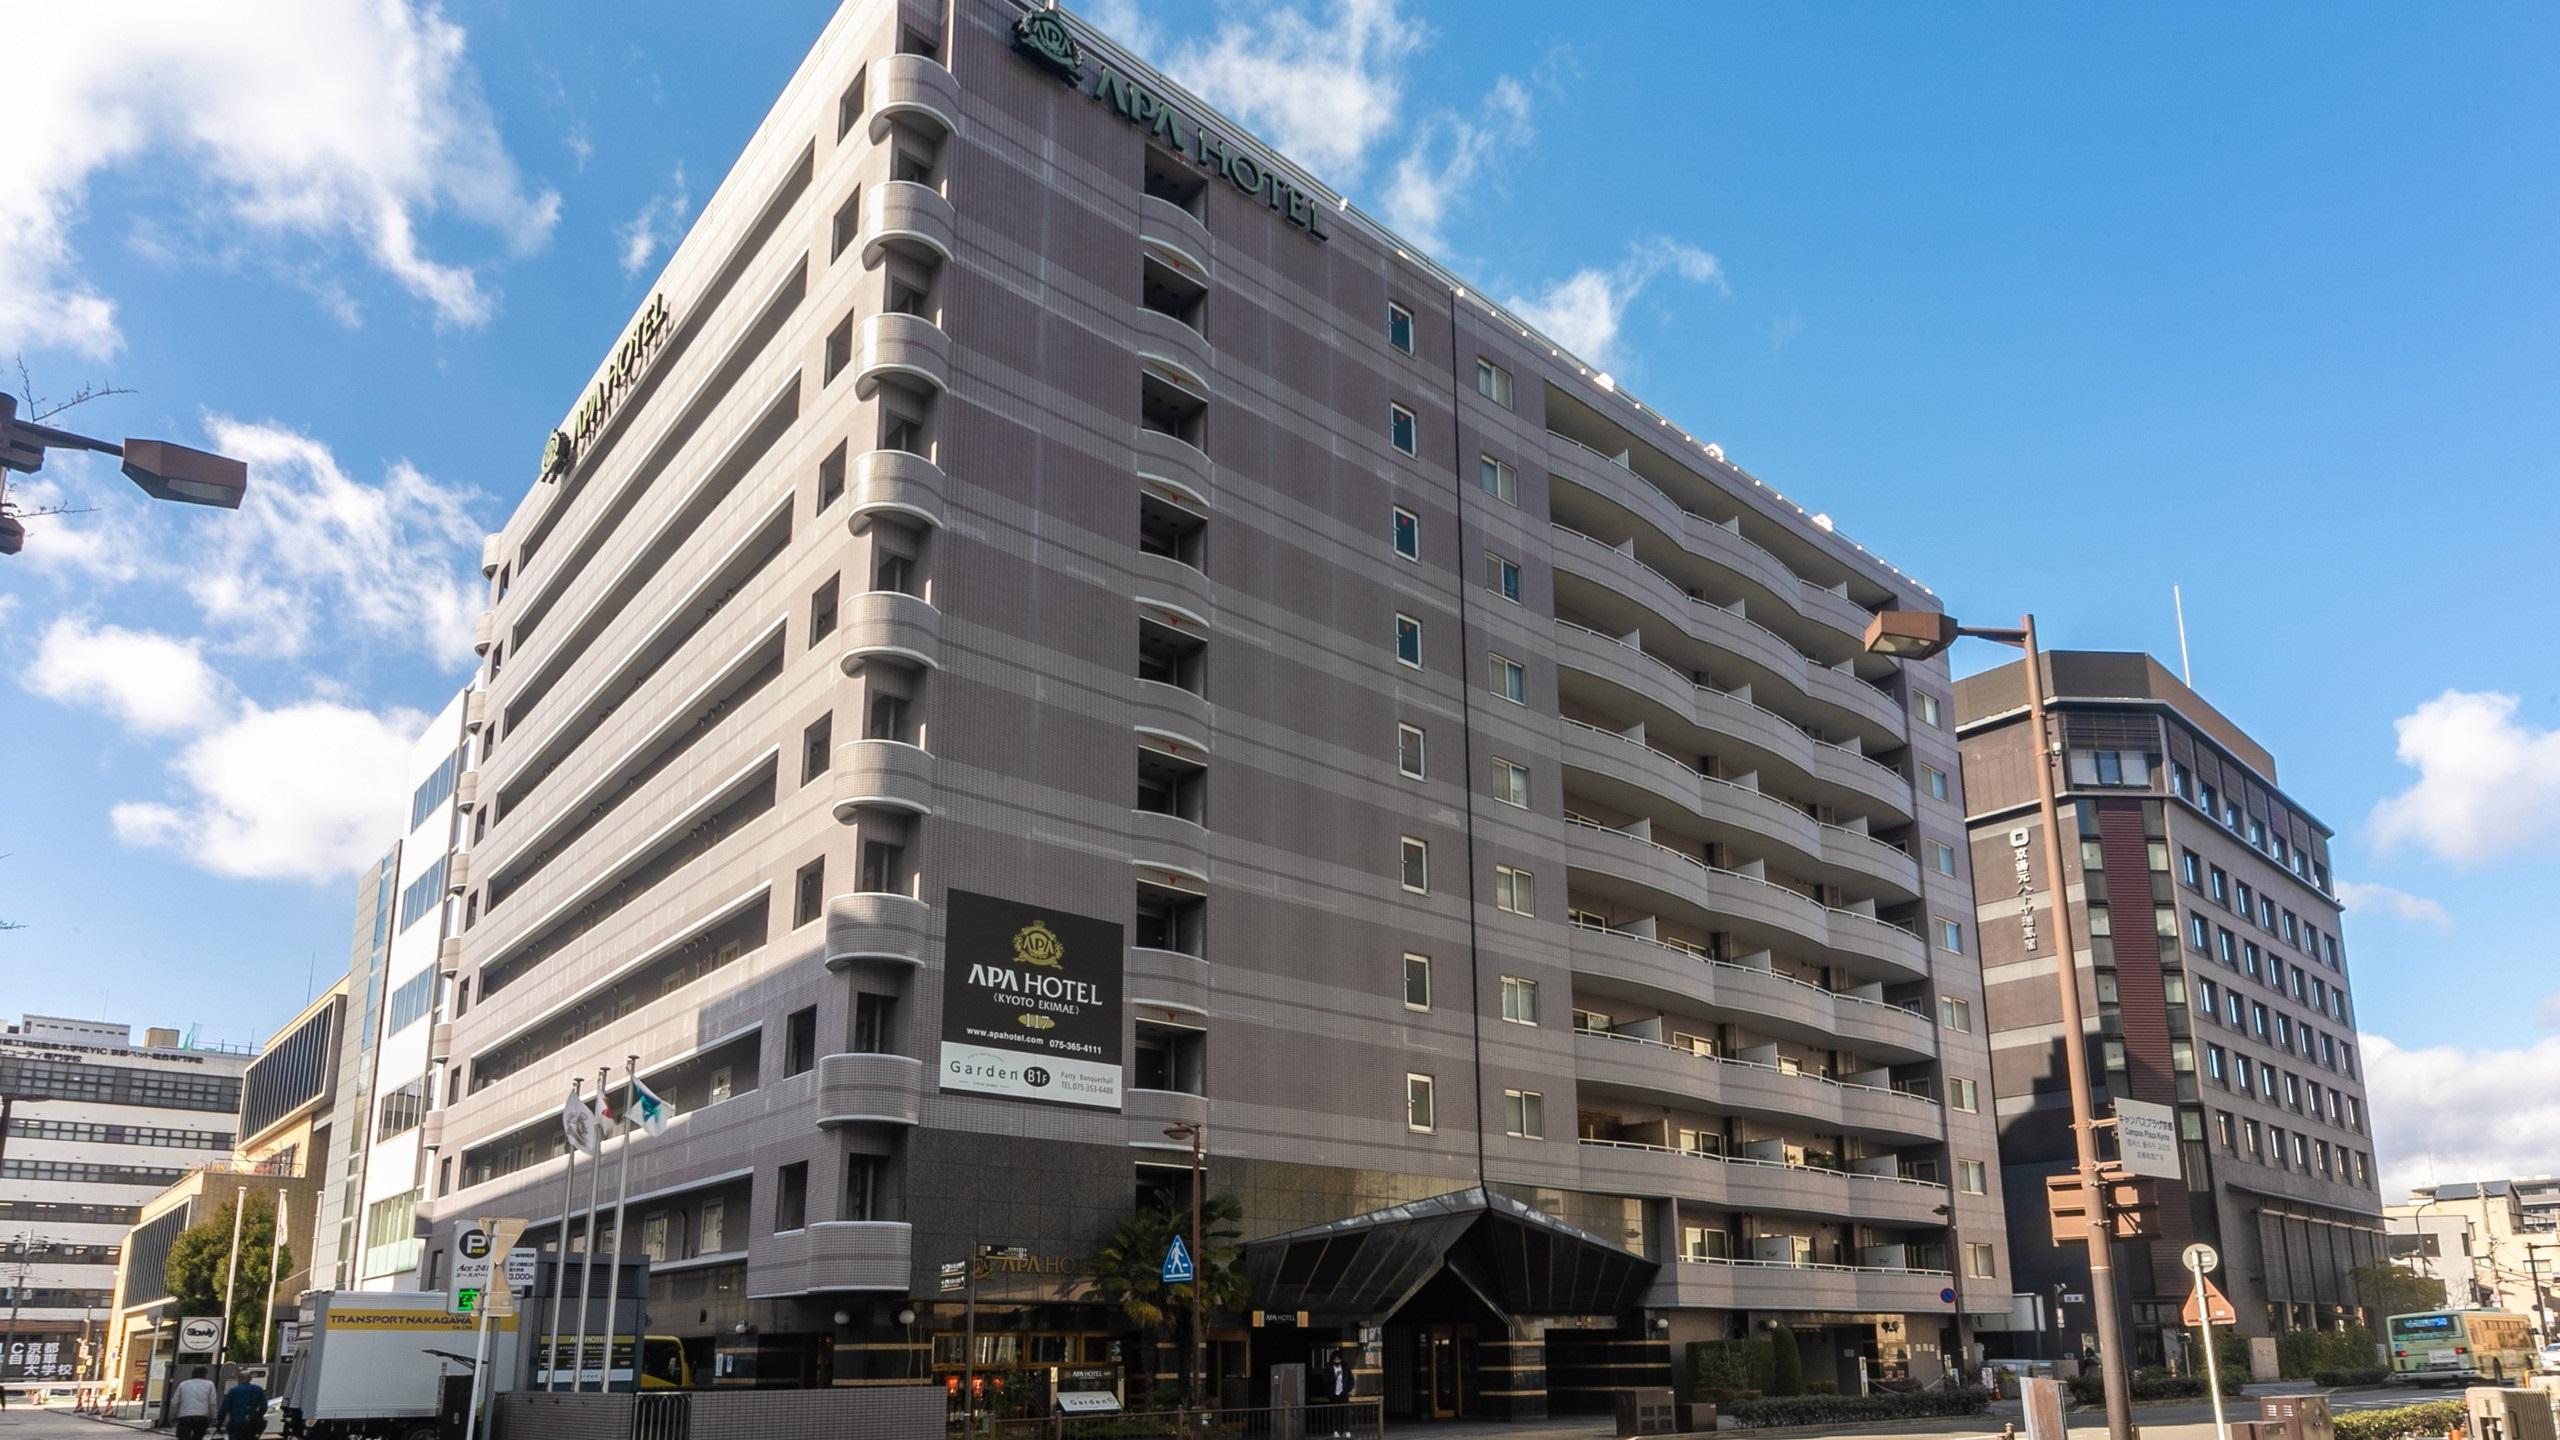 京都でワーケーション・テレワークに便利な格安ビジネスホテル